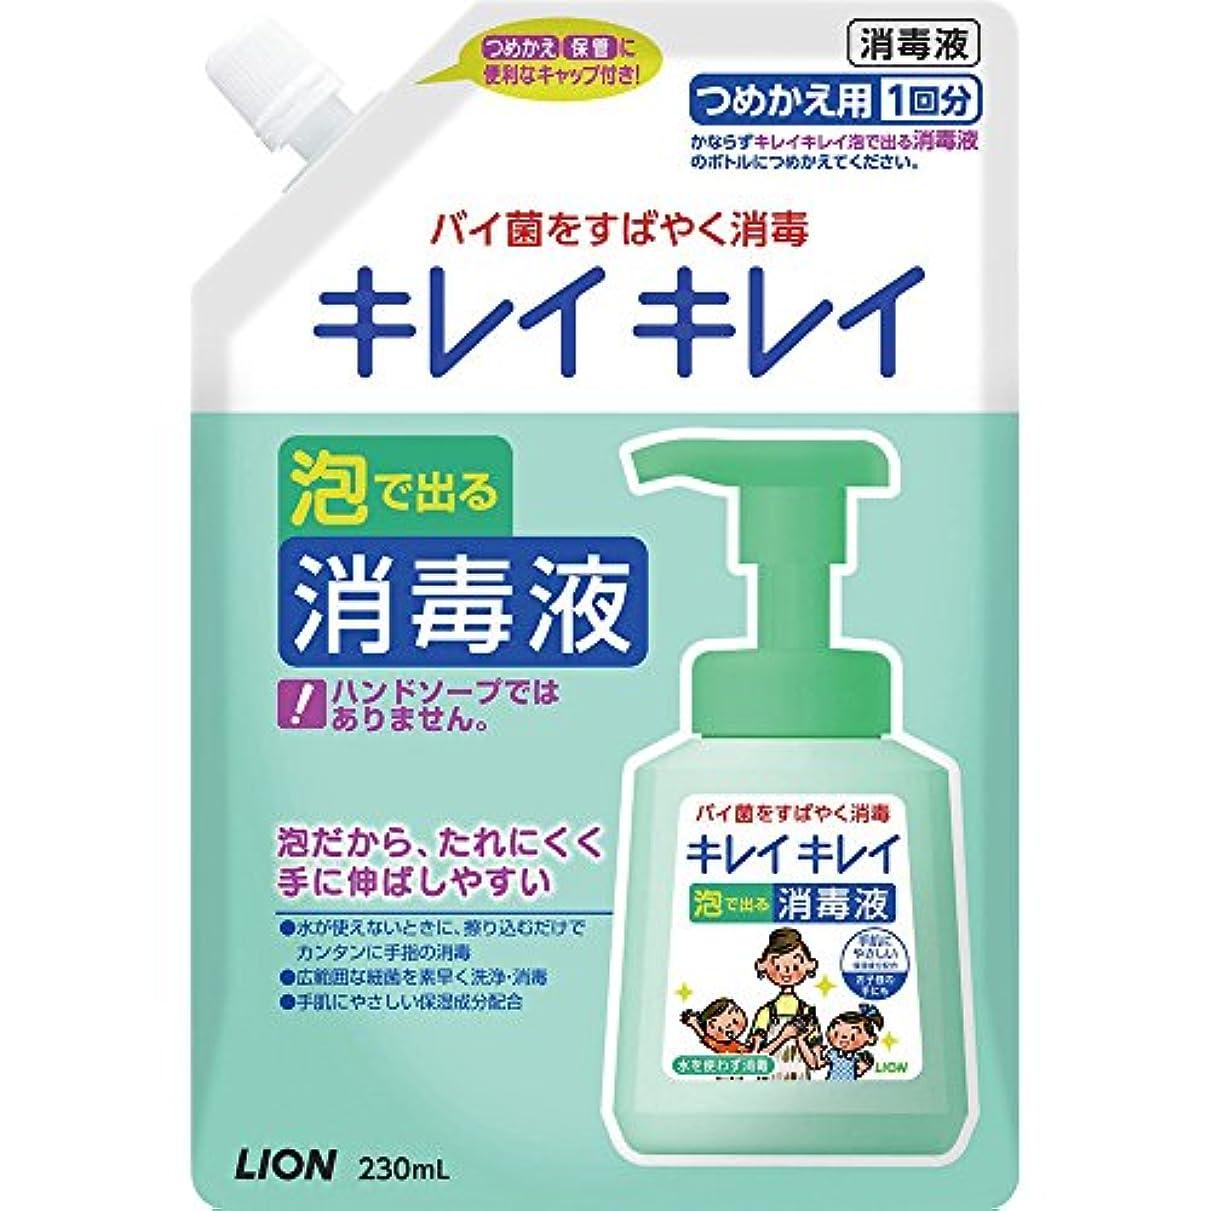 報いるナサニエル区裁定キレイキレイ 薬 泡ででる消毒液 詰替 230ml (指定医薬部外品)